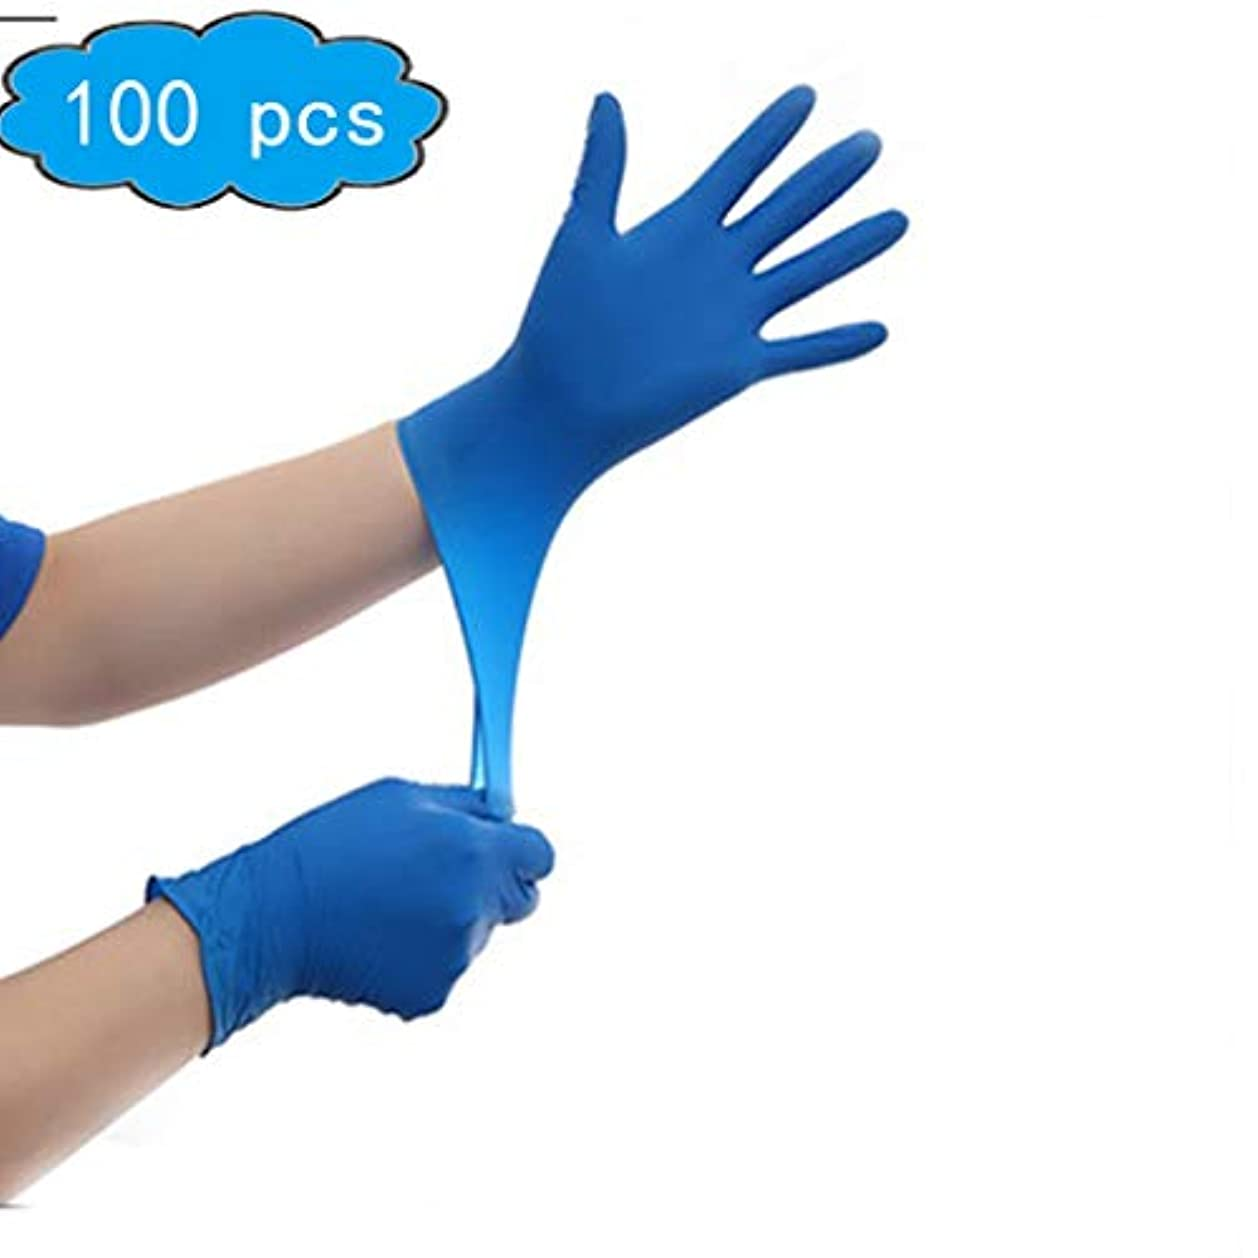 道路を作るプロセス大胆な先行する使い捨て丁清手袋 - テクスチャード加工、サニタリー手袋、応急処置用品、大型、100箱入り、食品ケータリング家事使い捨て手袋 (Color : Blue, Size : XS)